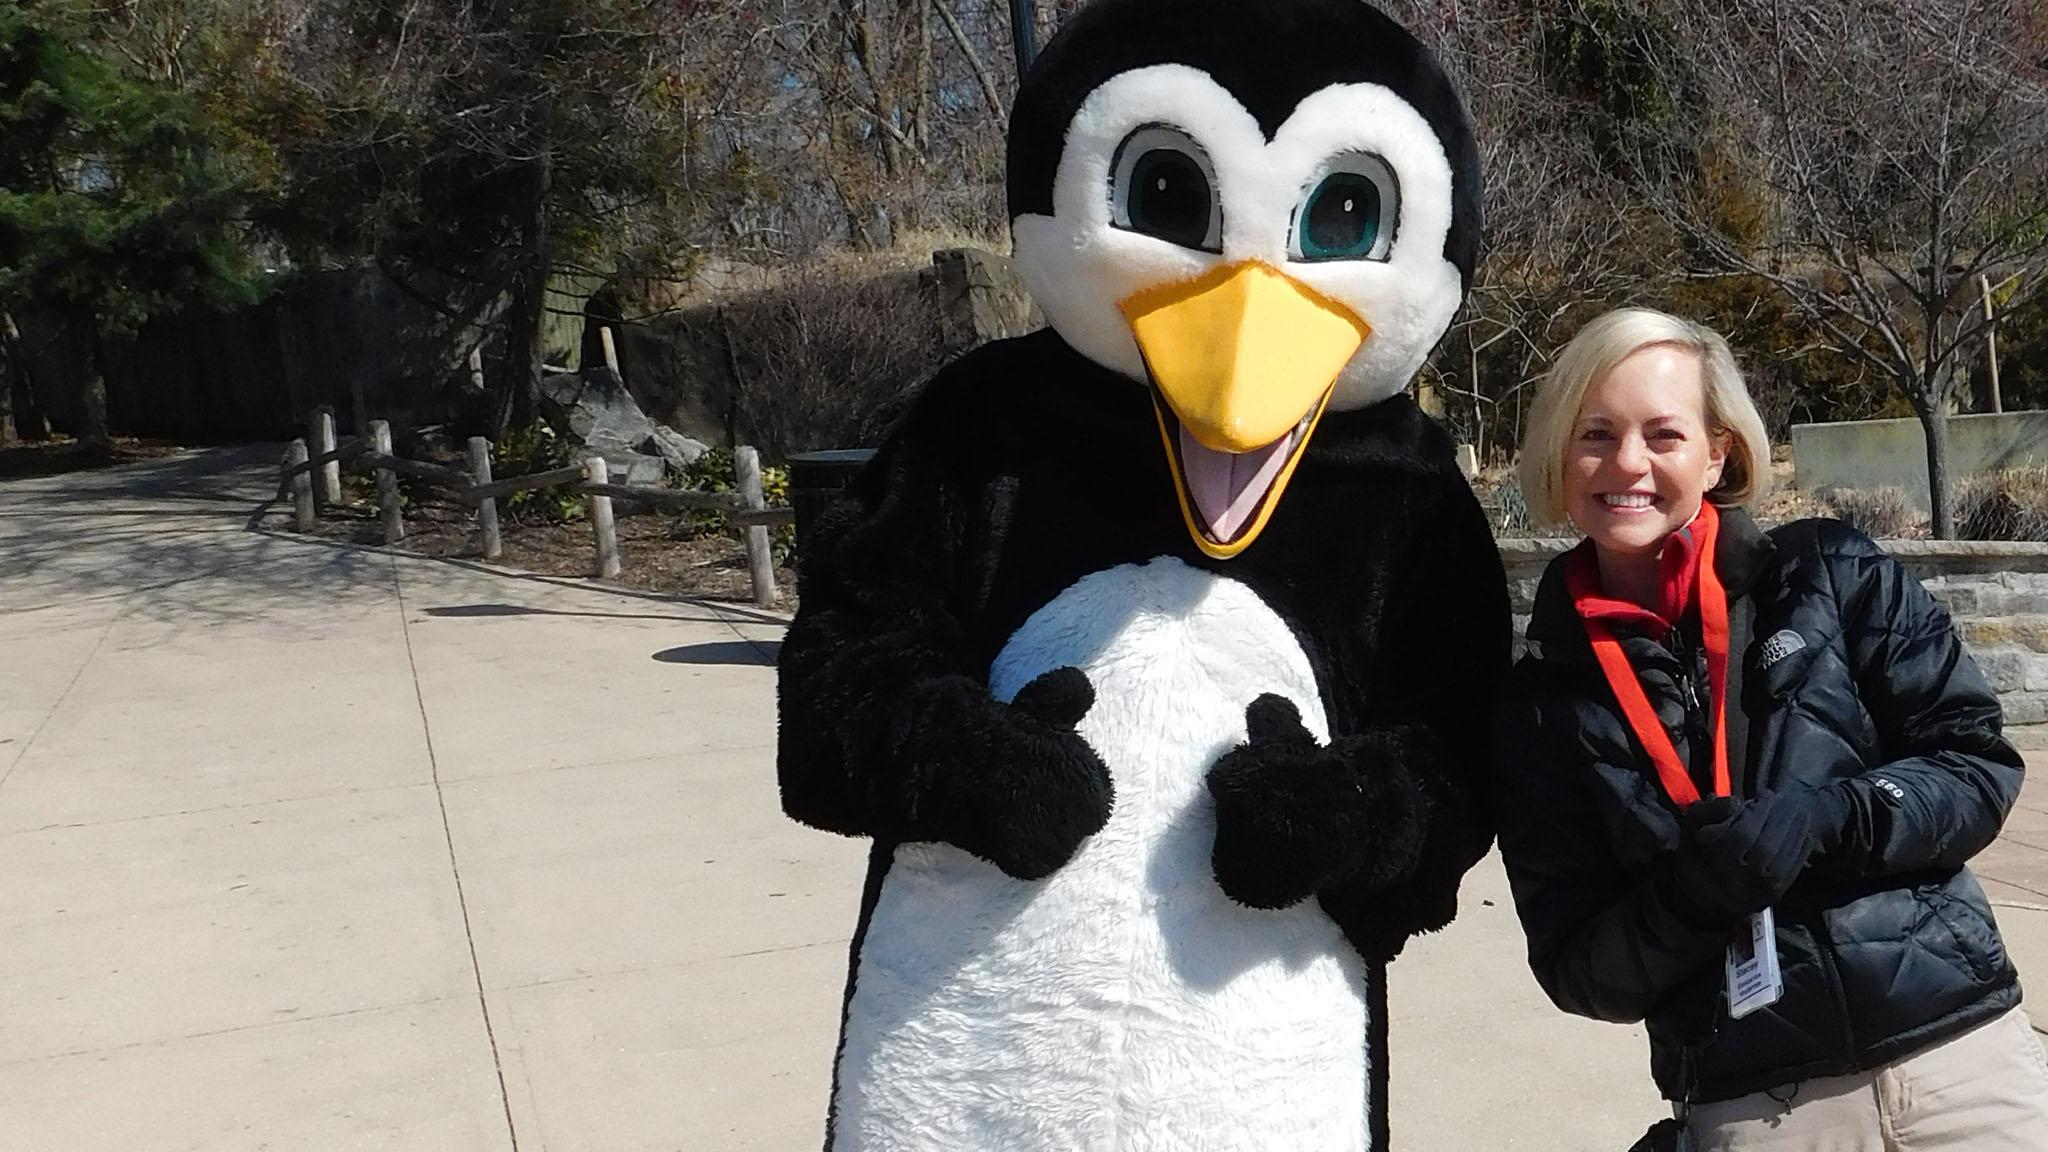 Zoo penguin mascot with volunteer